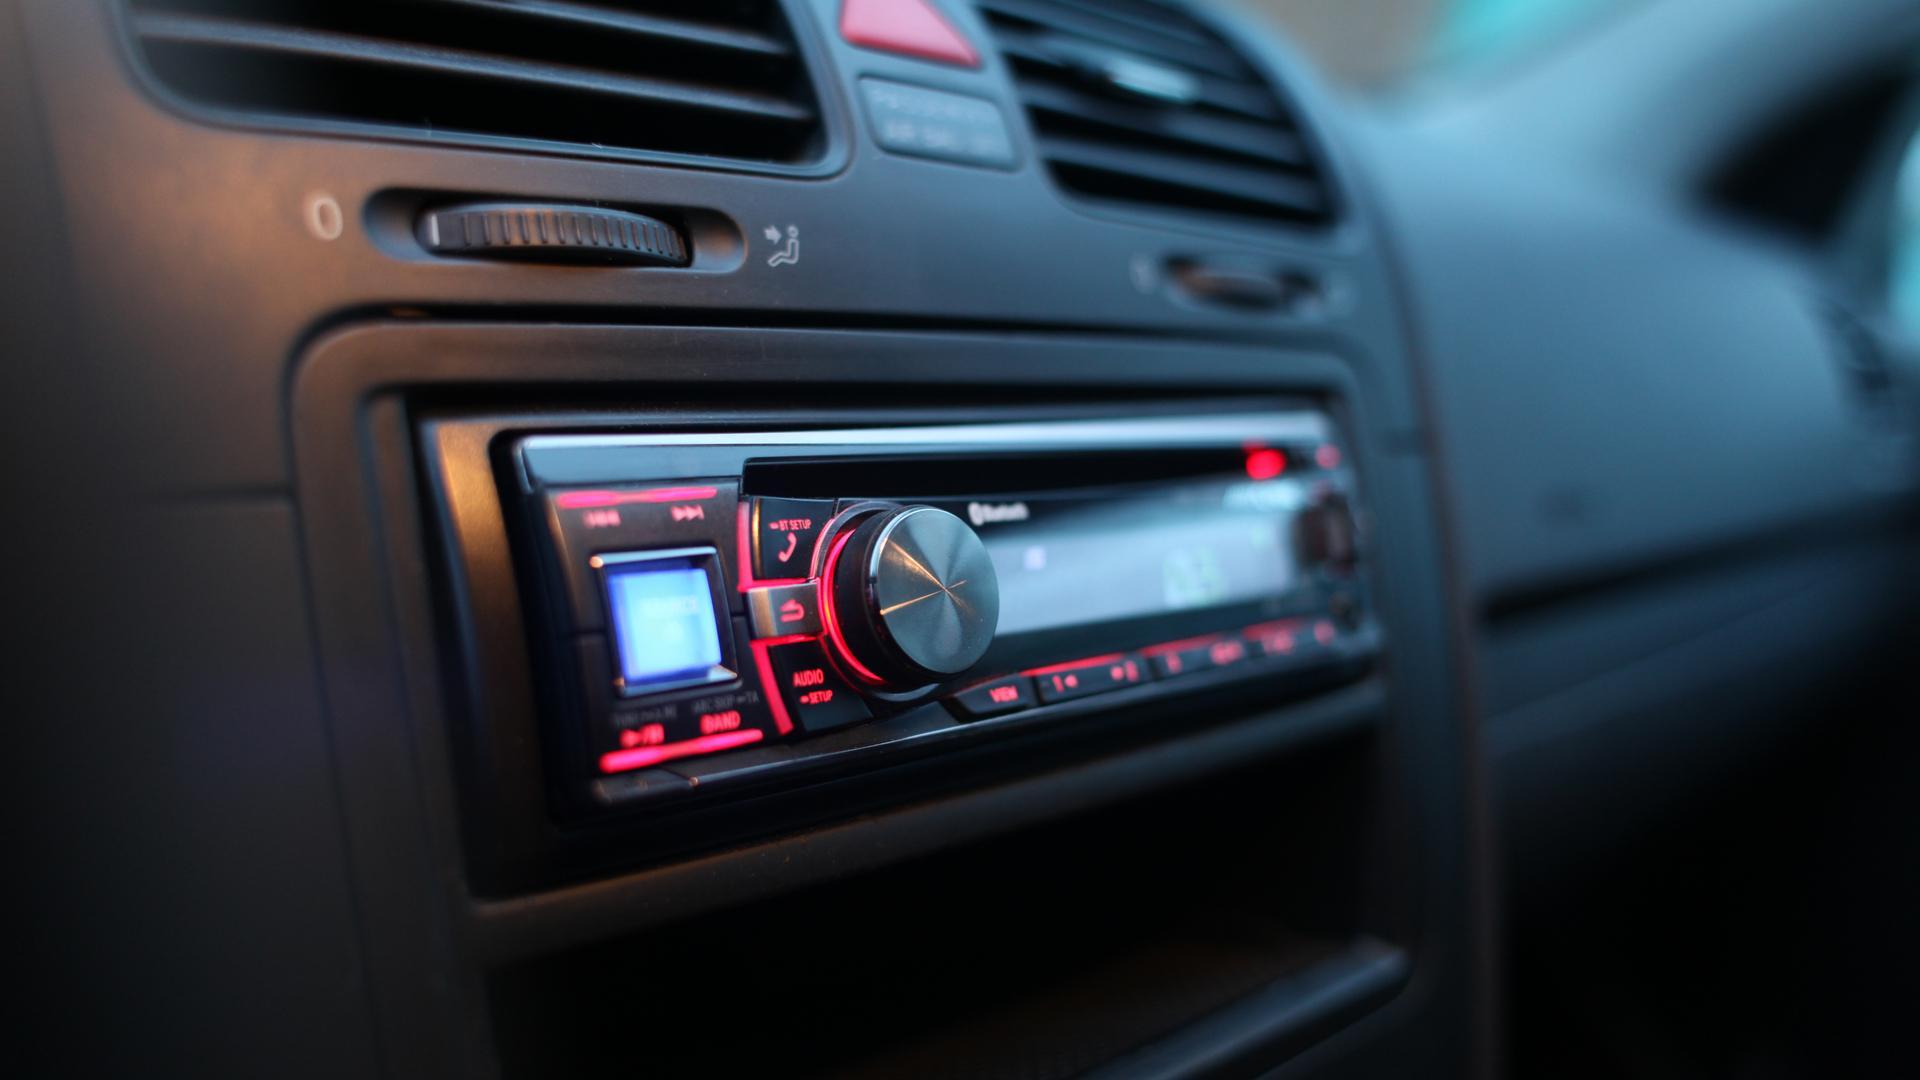 Som automotivo com detalhes de luzes e botões em vermelho